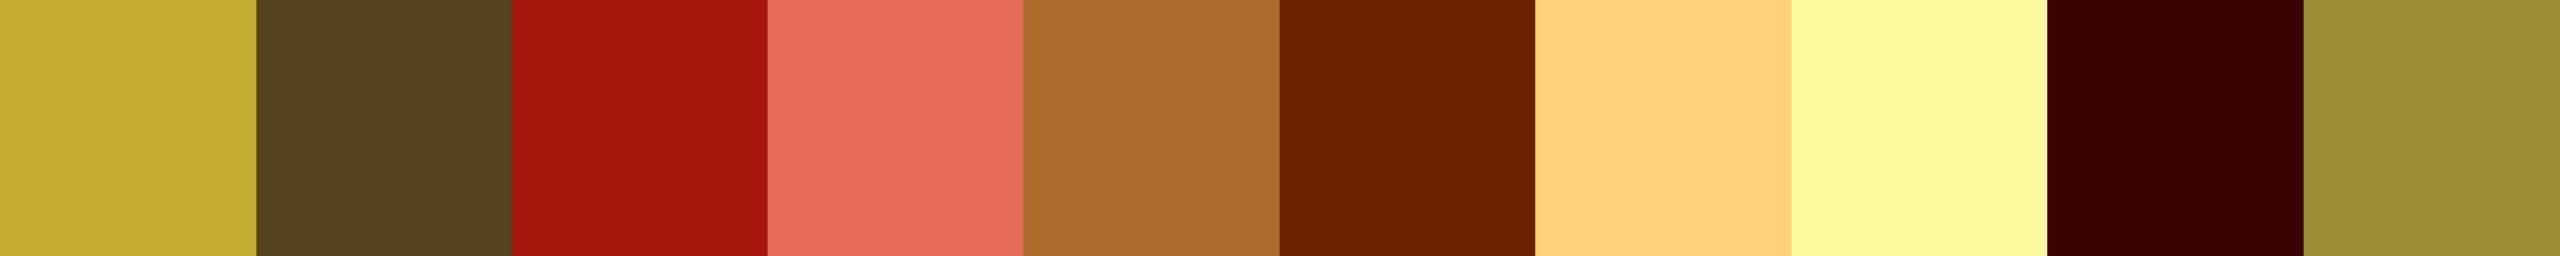 781 Primatura Color Palette